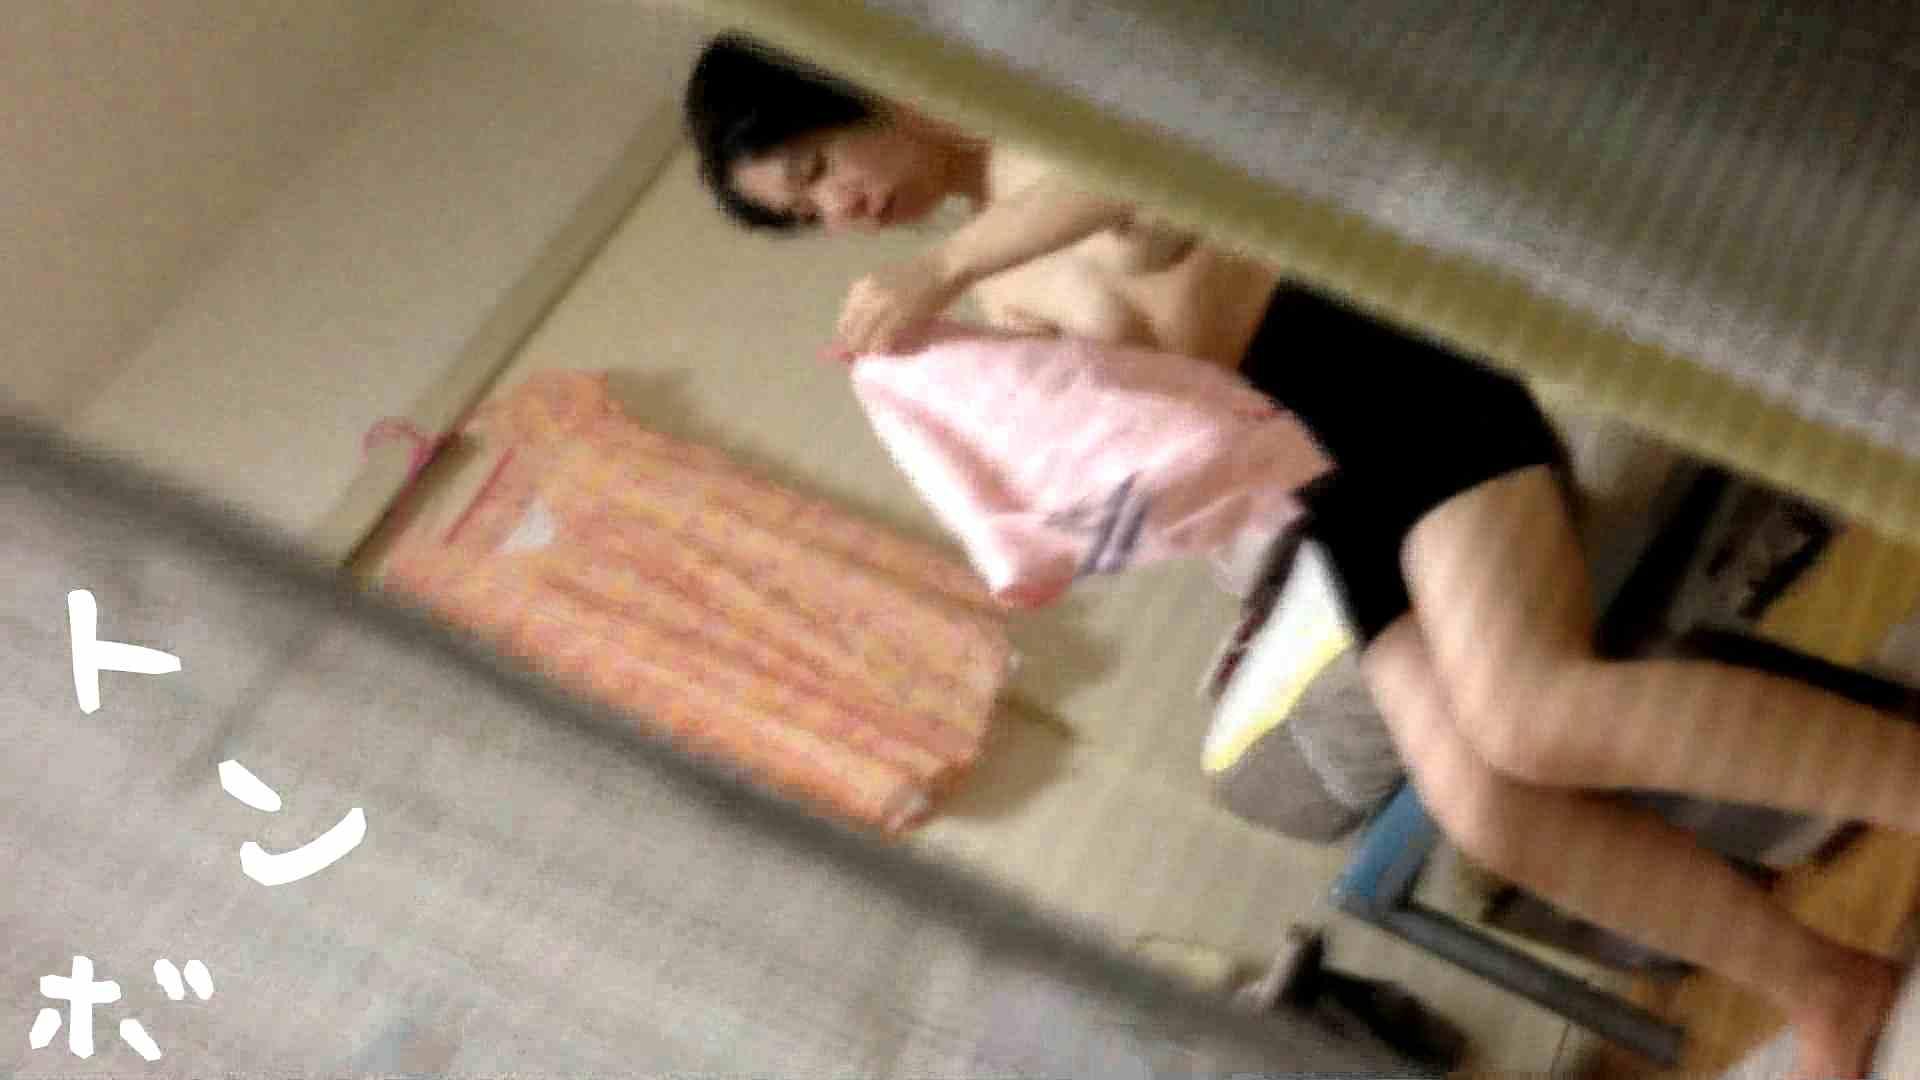 リアル盗撮 作家志望J子 アソコのお手入れ最中に感じてパンツを湿らす 盗撮 | 隠れた名作  38画像 6